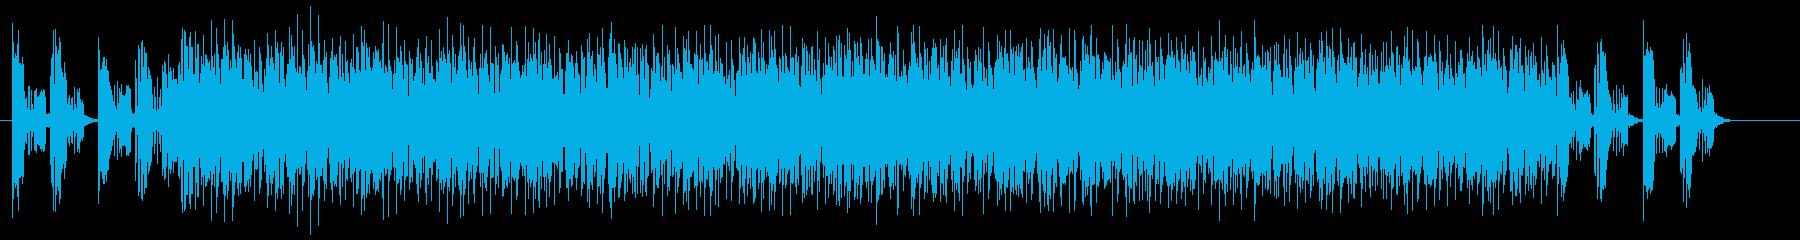 疾走感と勢いのシンセギターサウンドの再生済みの波形